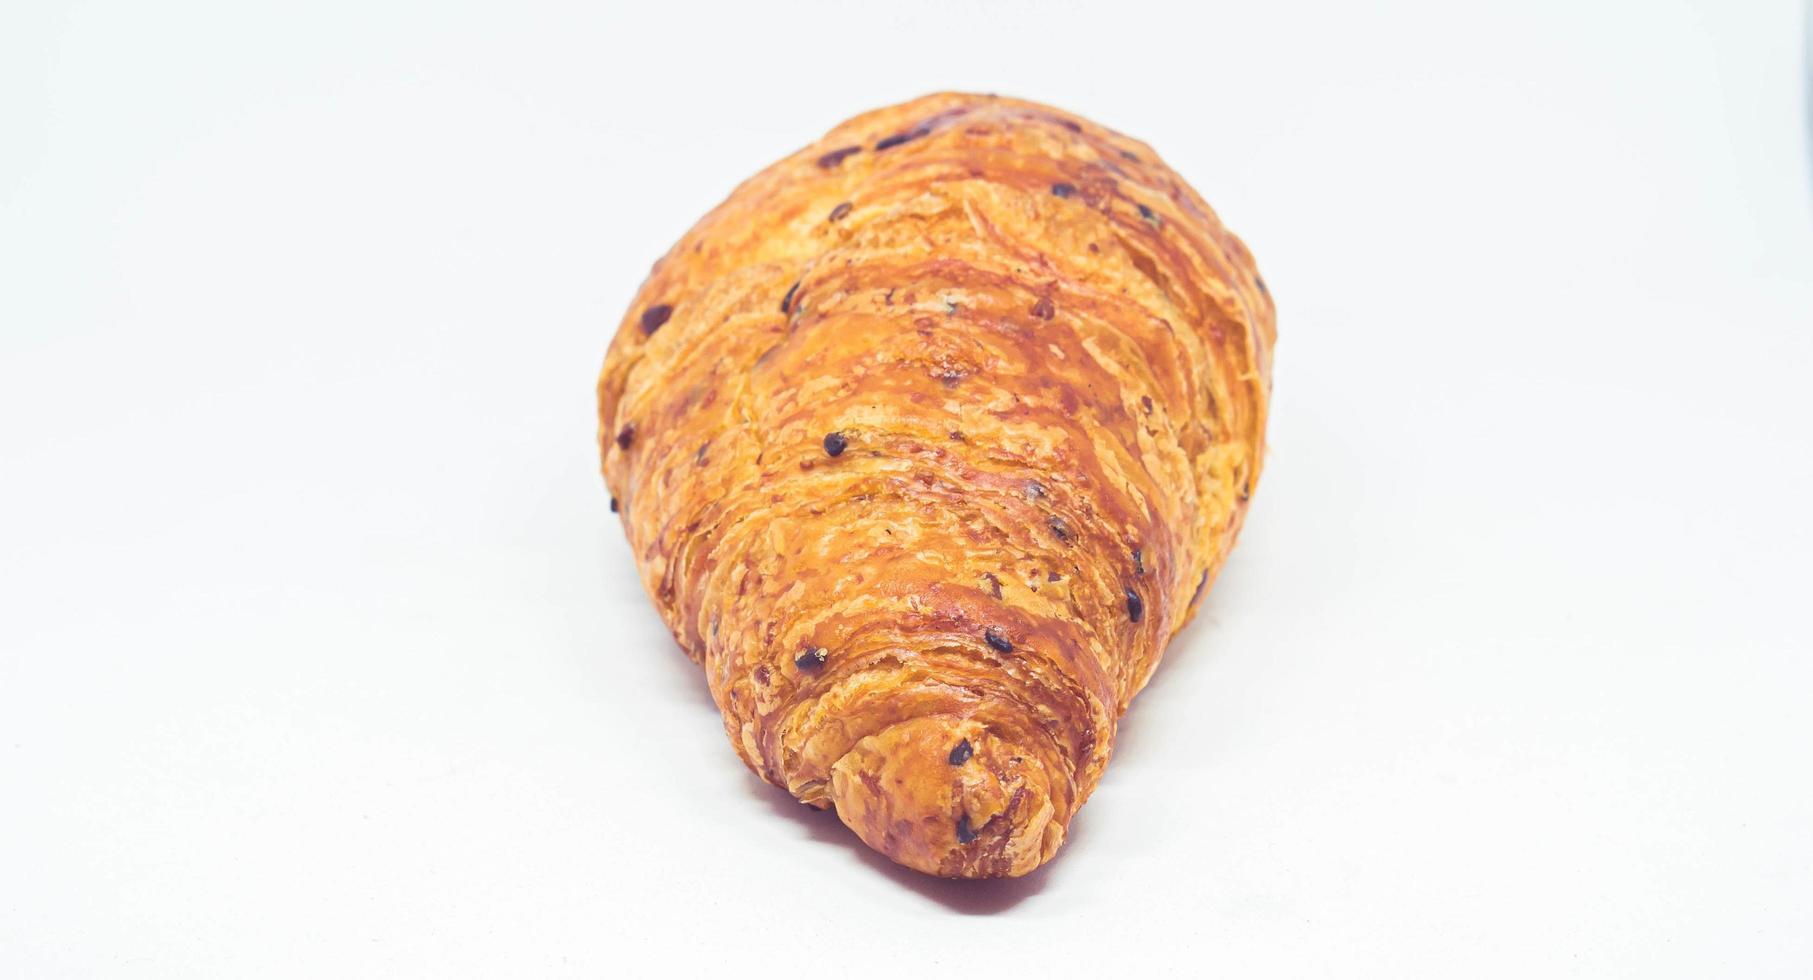 pain croissant sur fond blanc photo